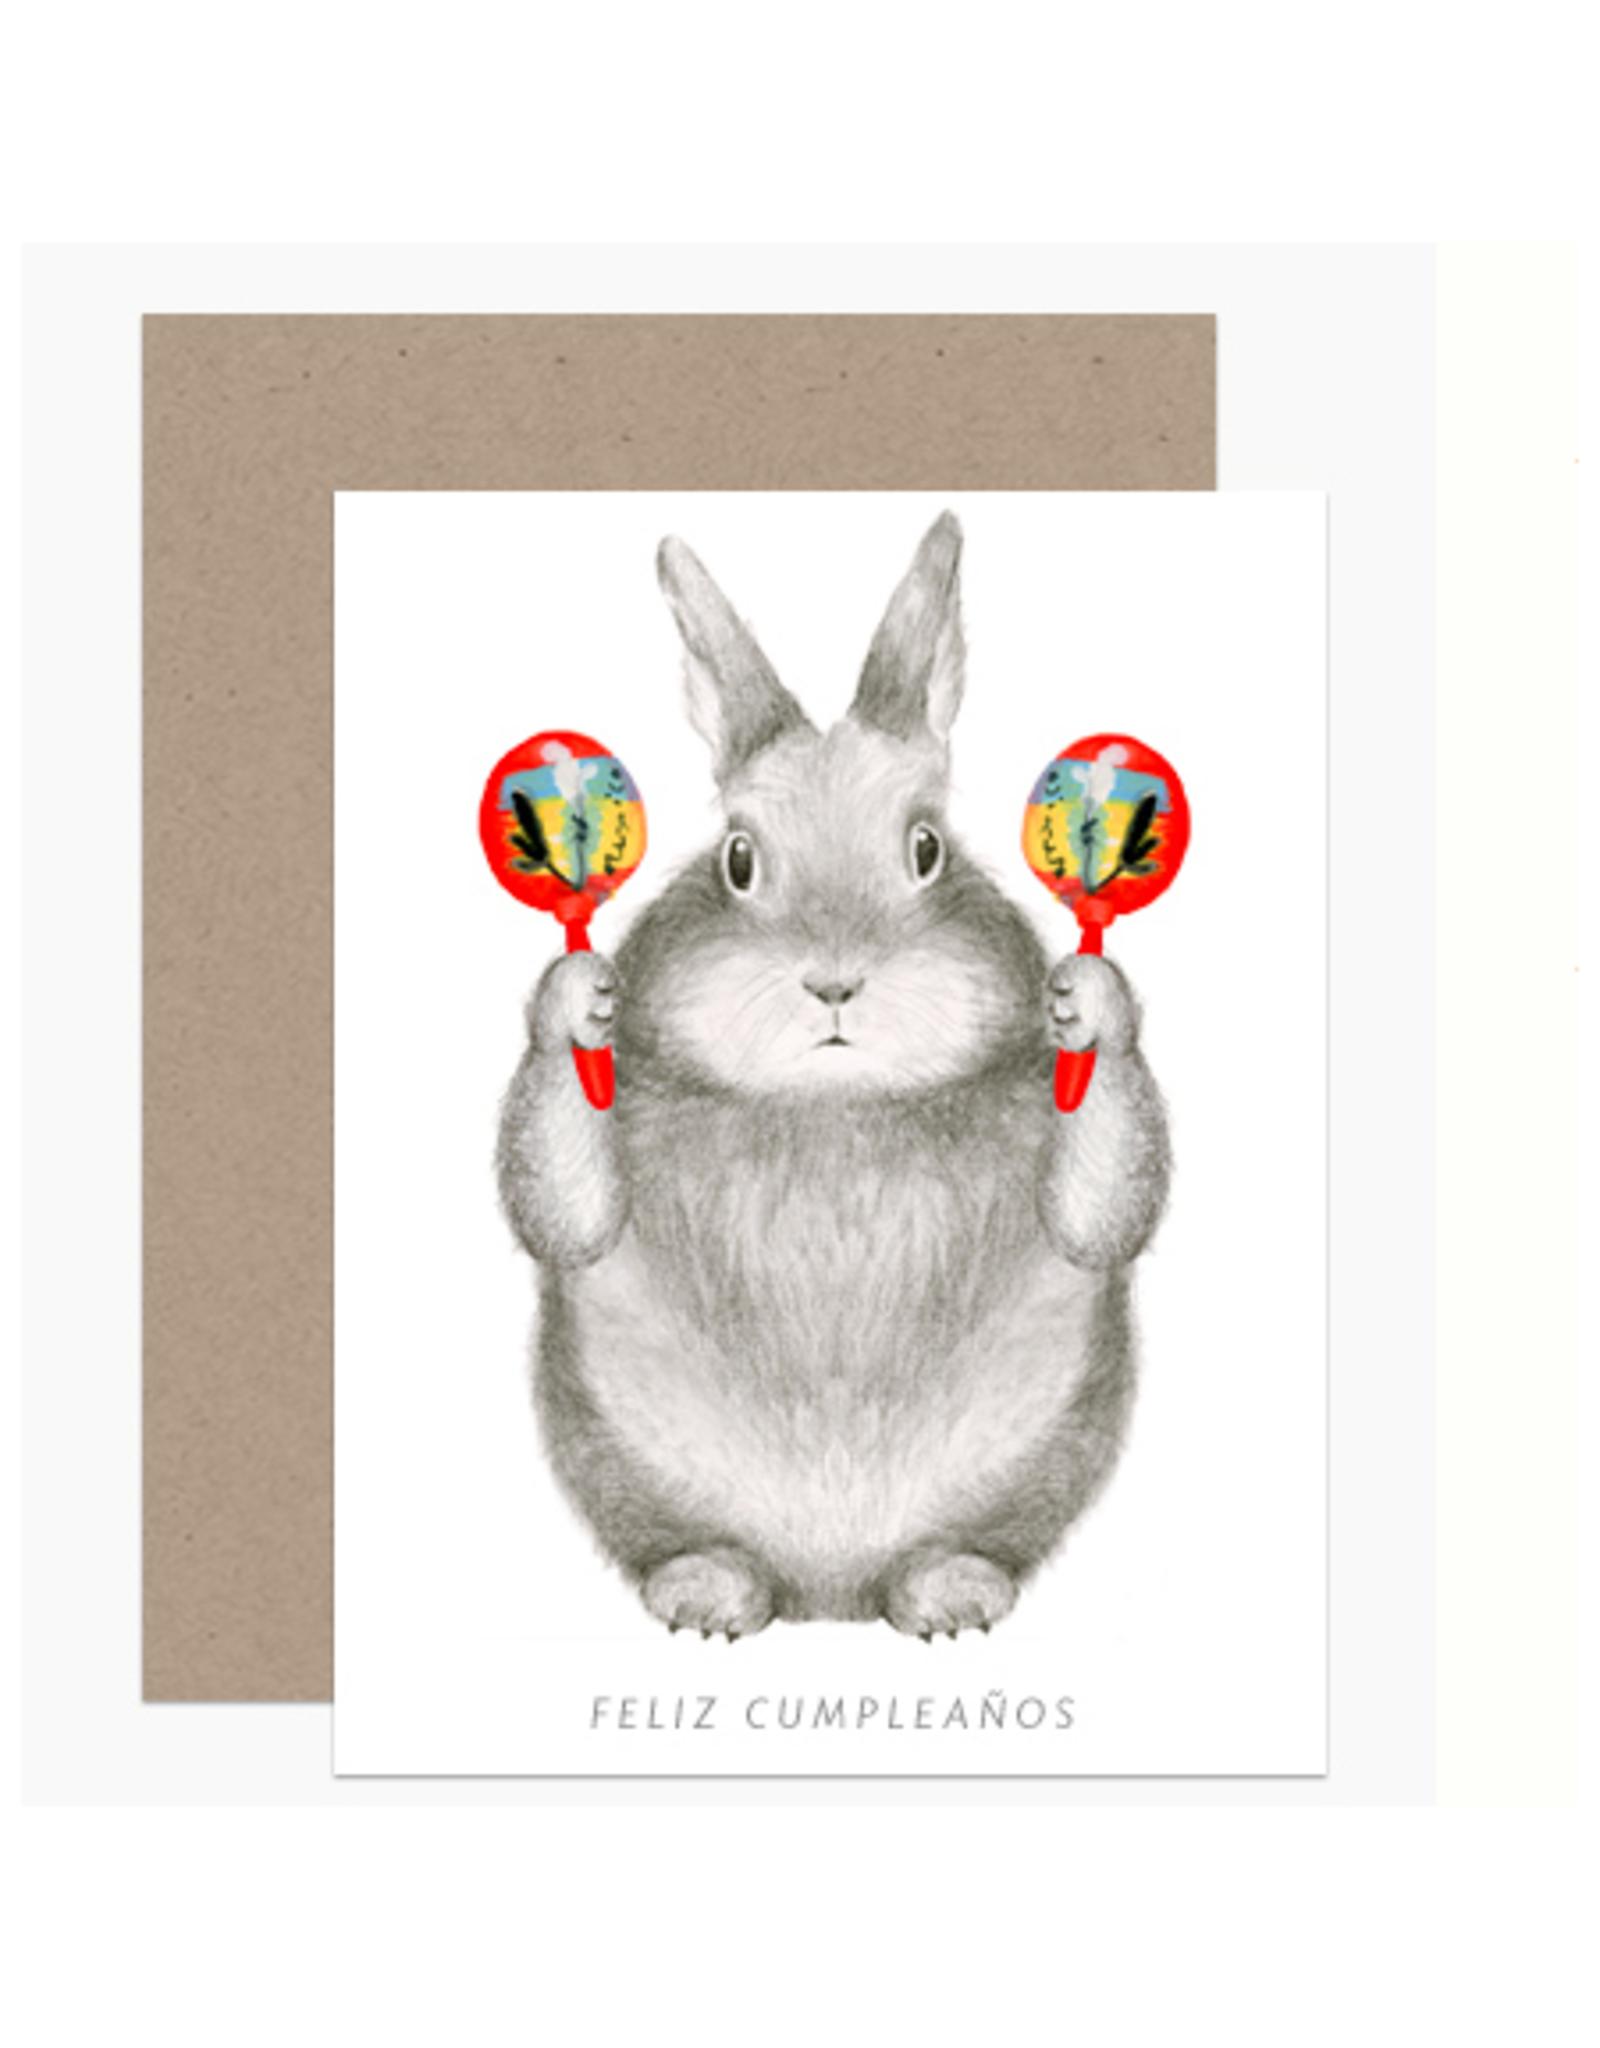 Feliz Cumpleanos Maracas Bunny Greeting Card